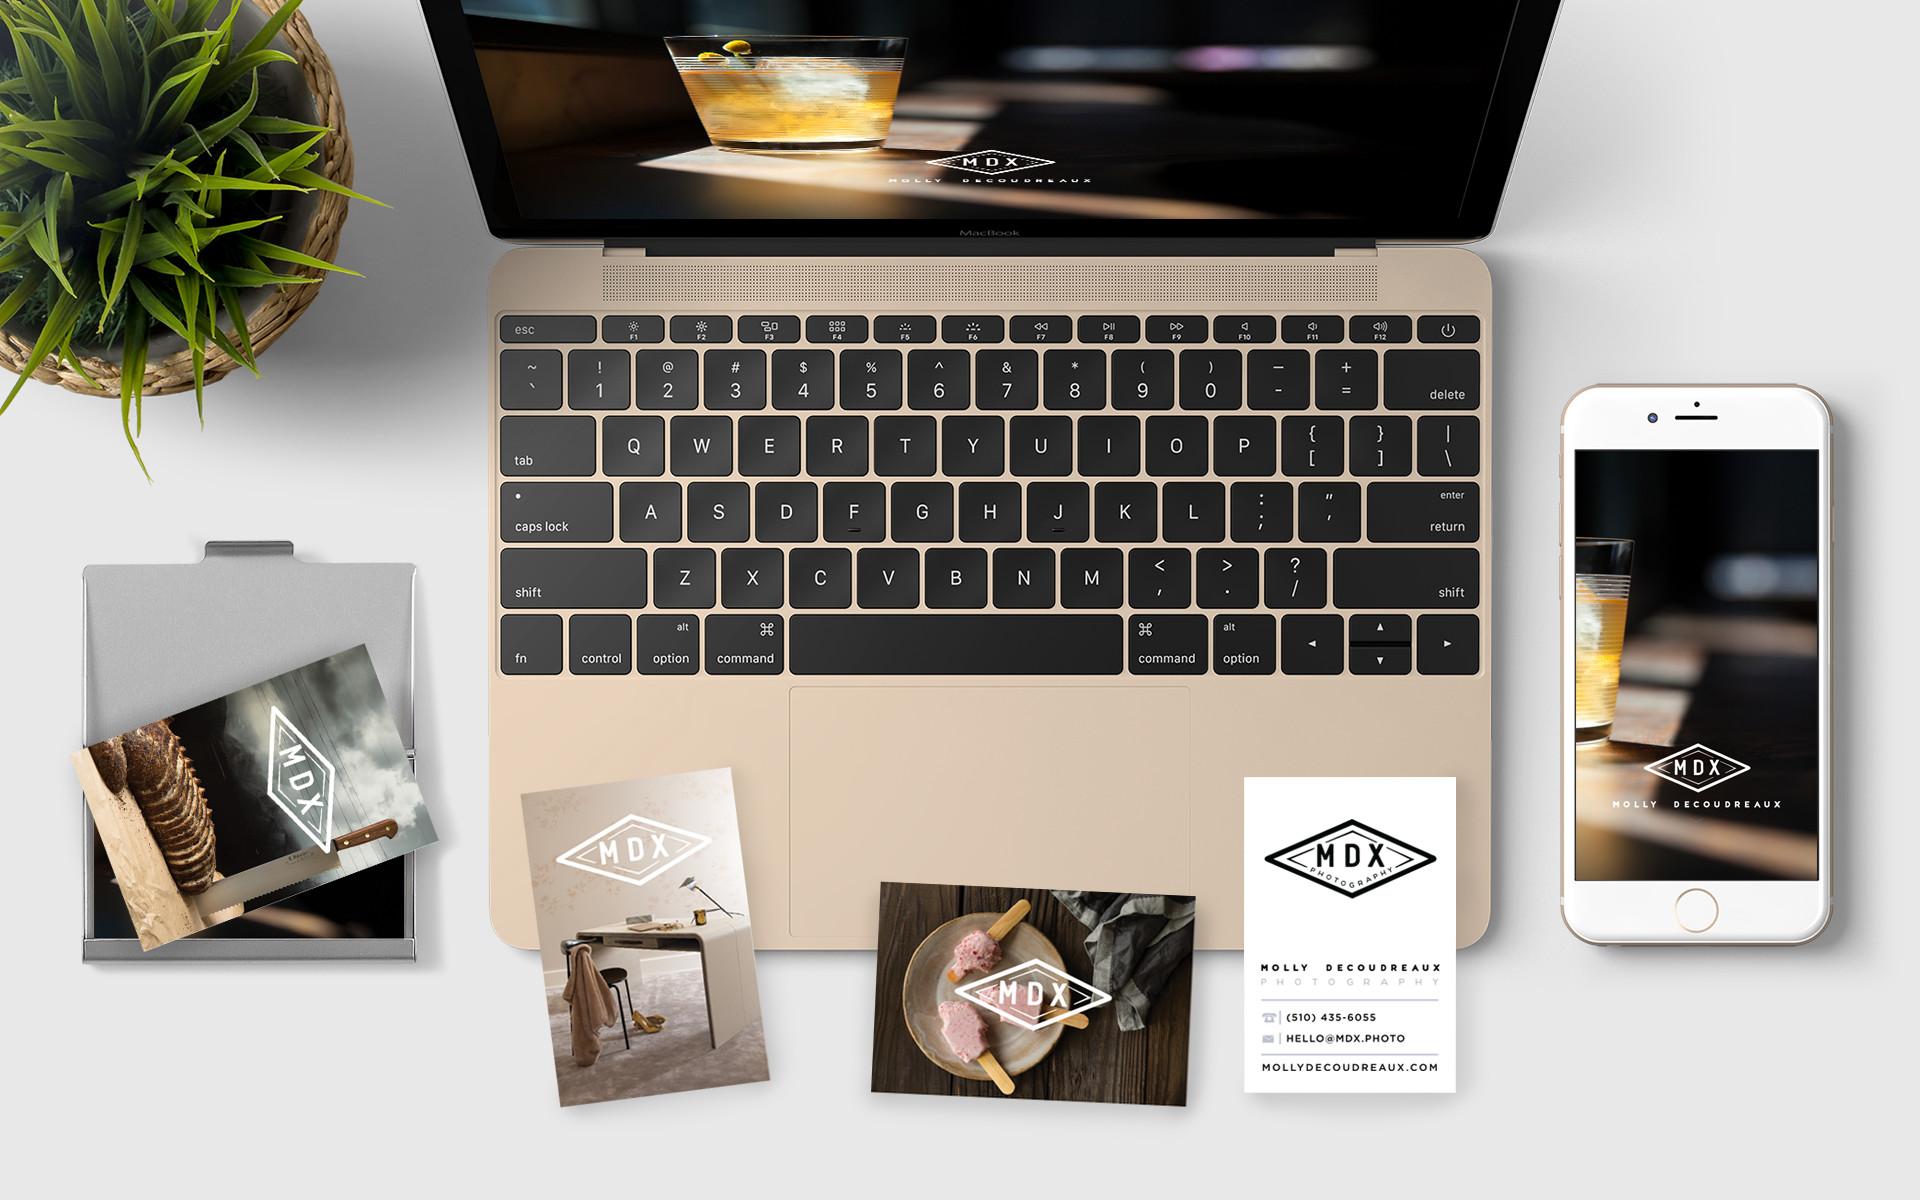 mdx_brand_cards